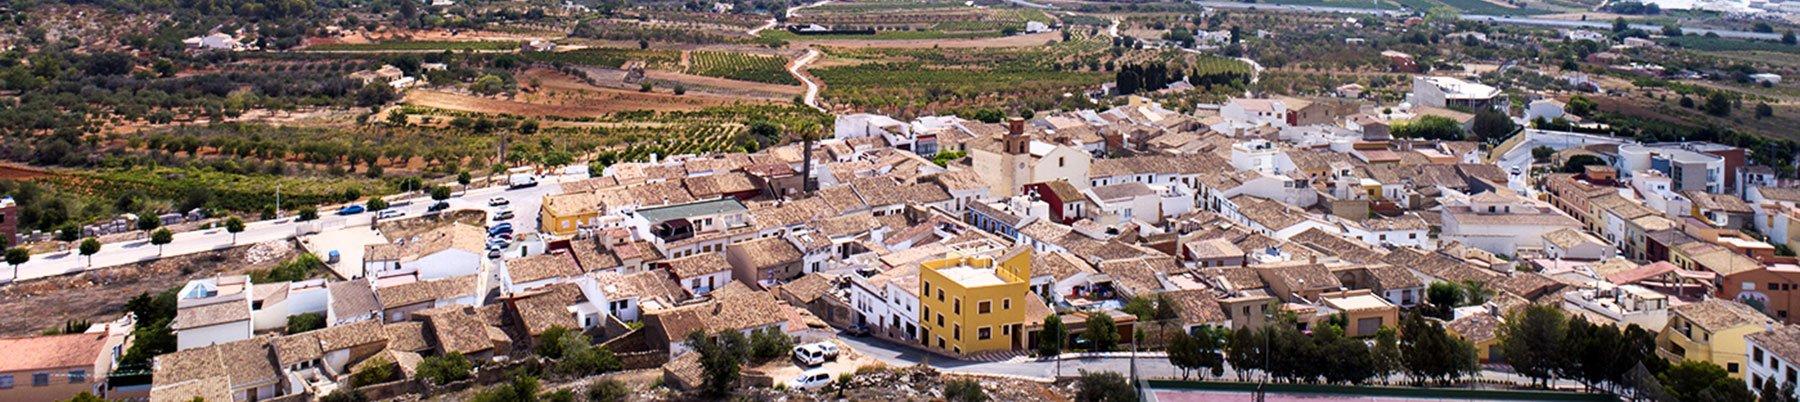 Información Socioeconómica y Laboral del Municipio de Senija